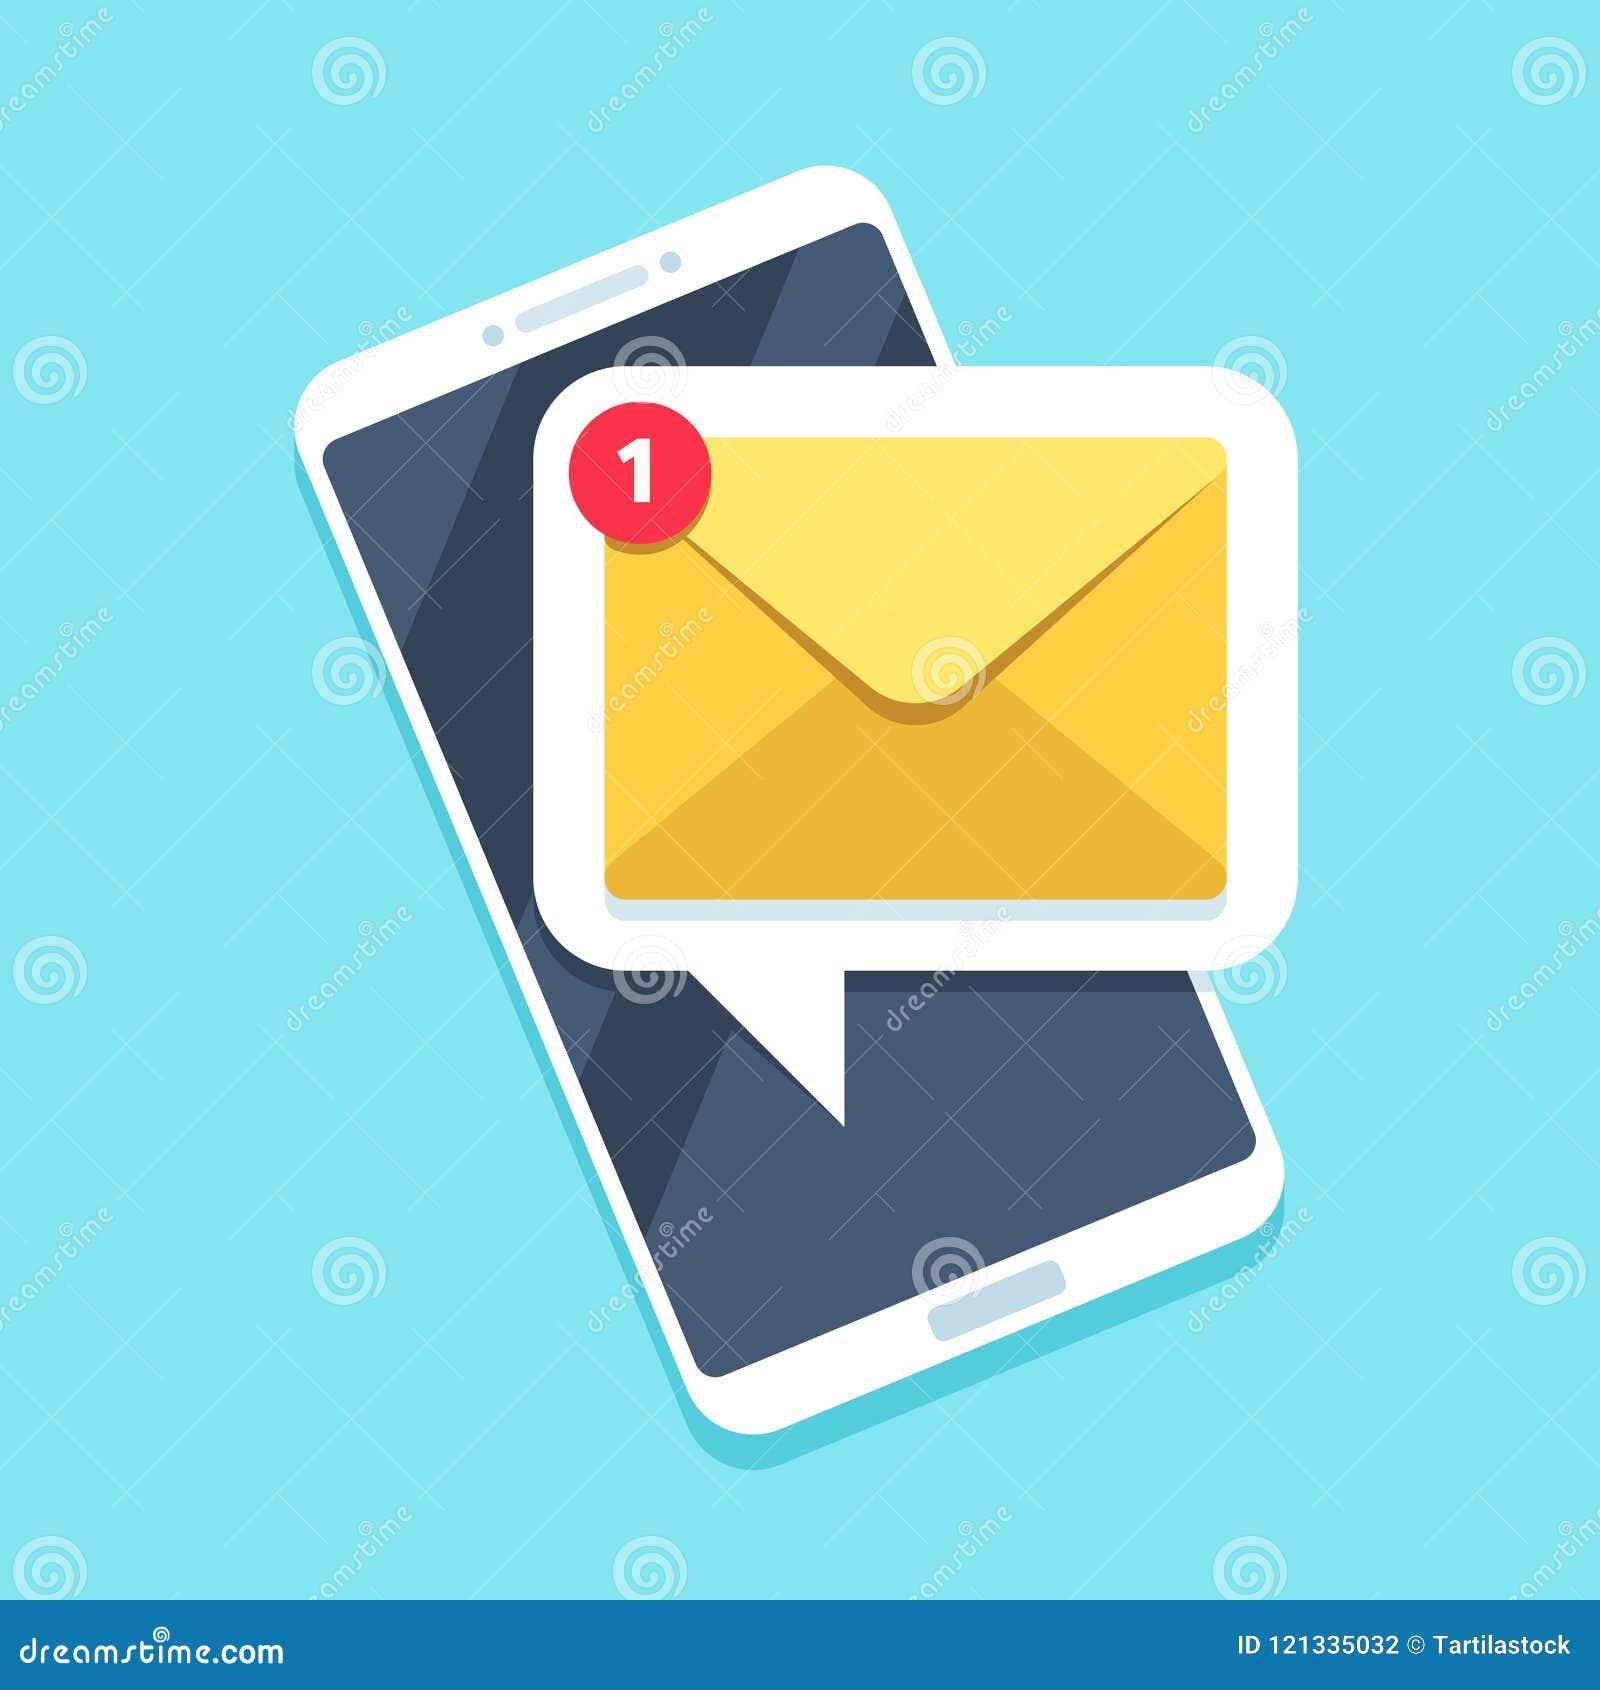 Επίπεδη ανακοίνωση ηλεκτρονικού ταχυδρομείου στο smartphone Εικονίδιο Sms ή υπενθύμιση μηνυμάτων ταχυδρομείου στην κινητή τηλεφων